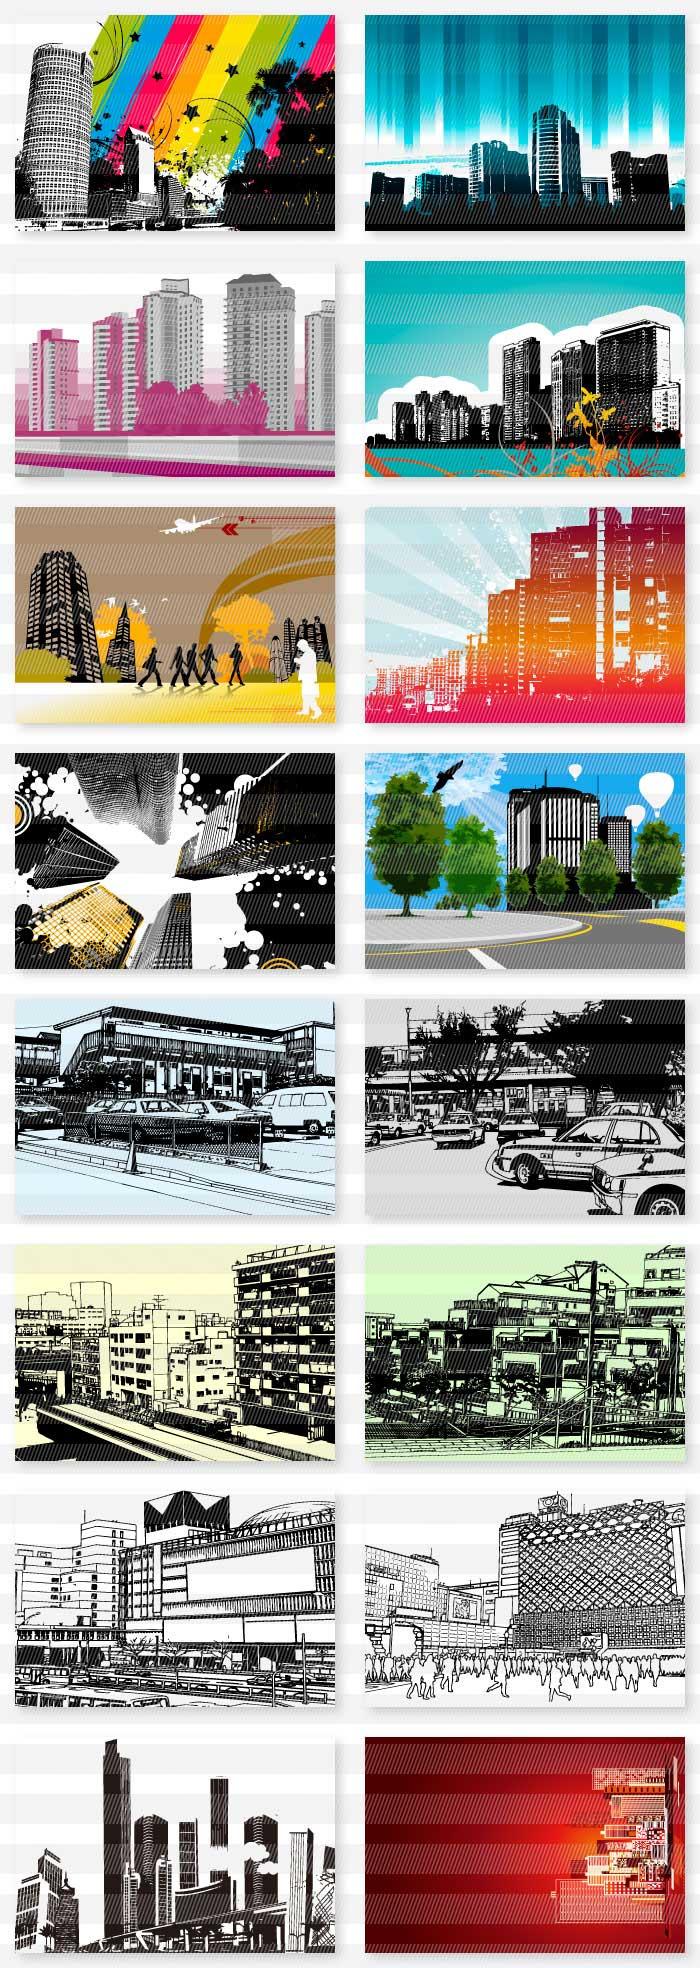 都市街並みのイラスト1|イラストレーター素材(ai・eps・商用可能)